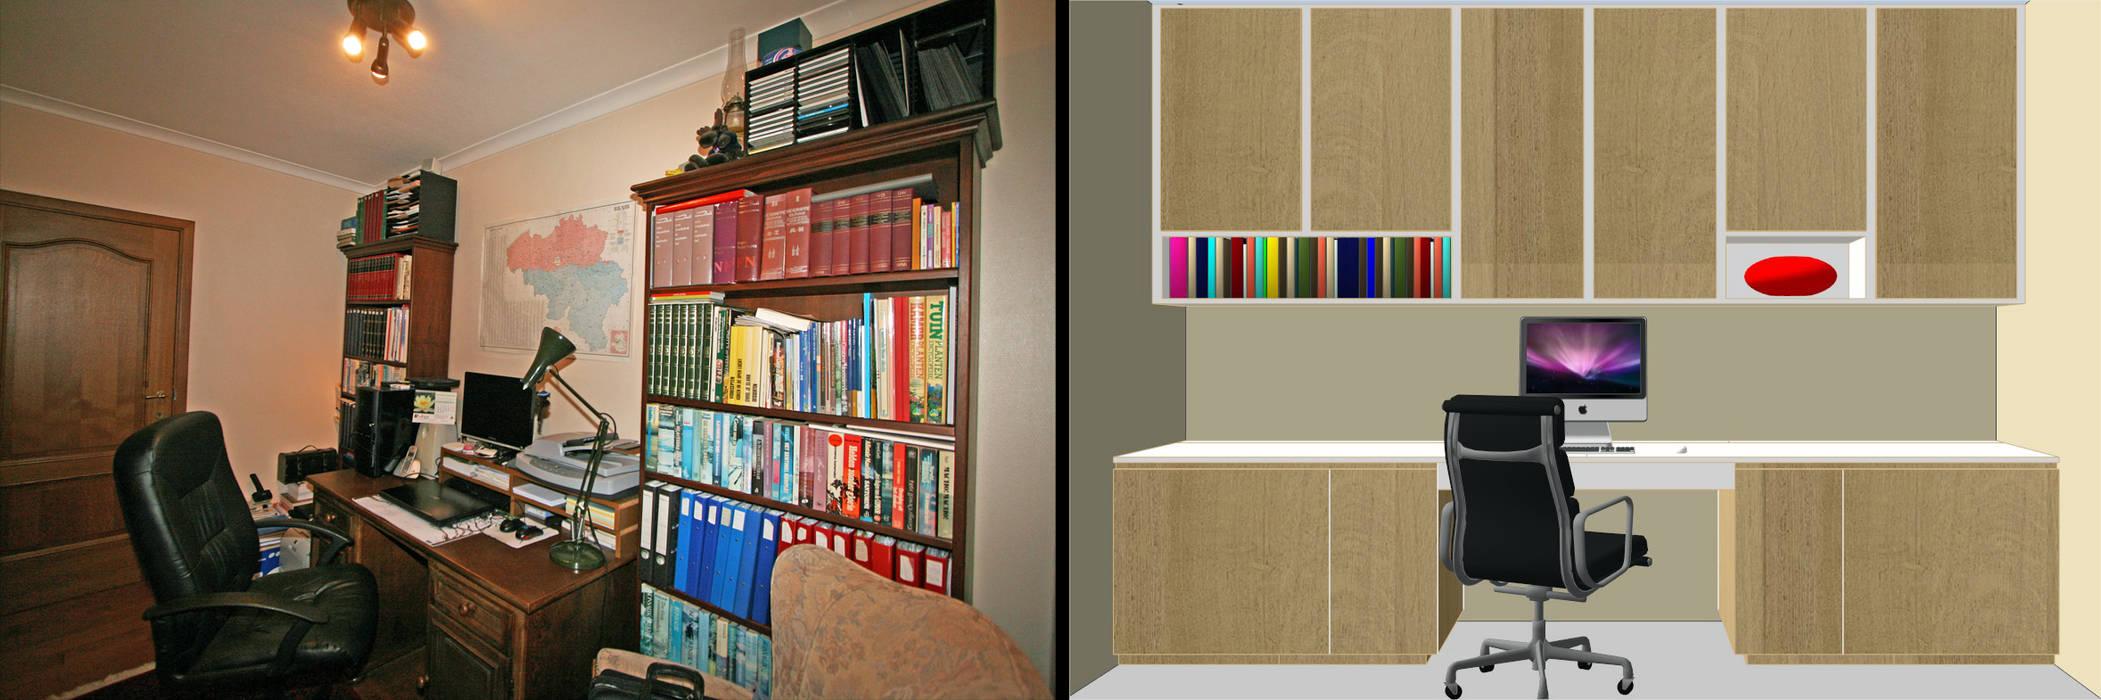 Restyling van een thuiskantoor:  Studeerkamer/kantoor door Sfeerontwerp